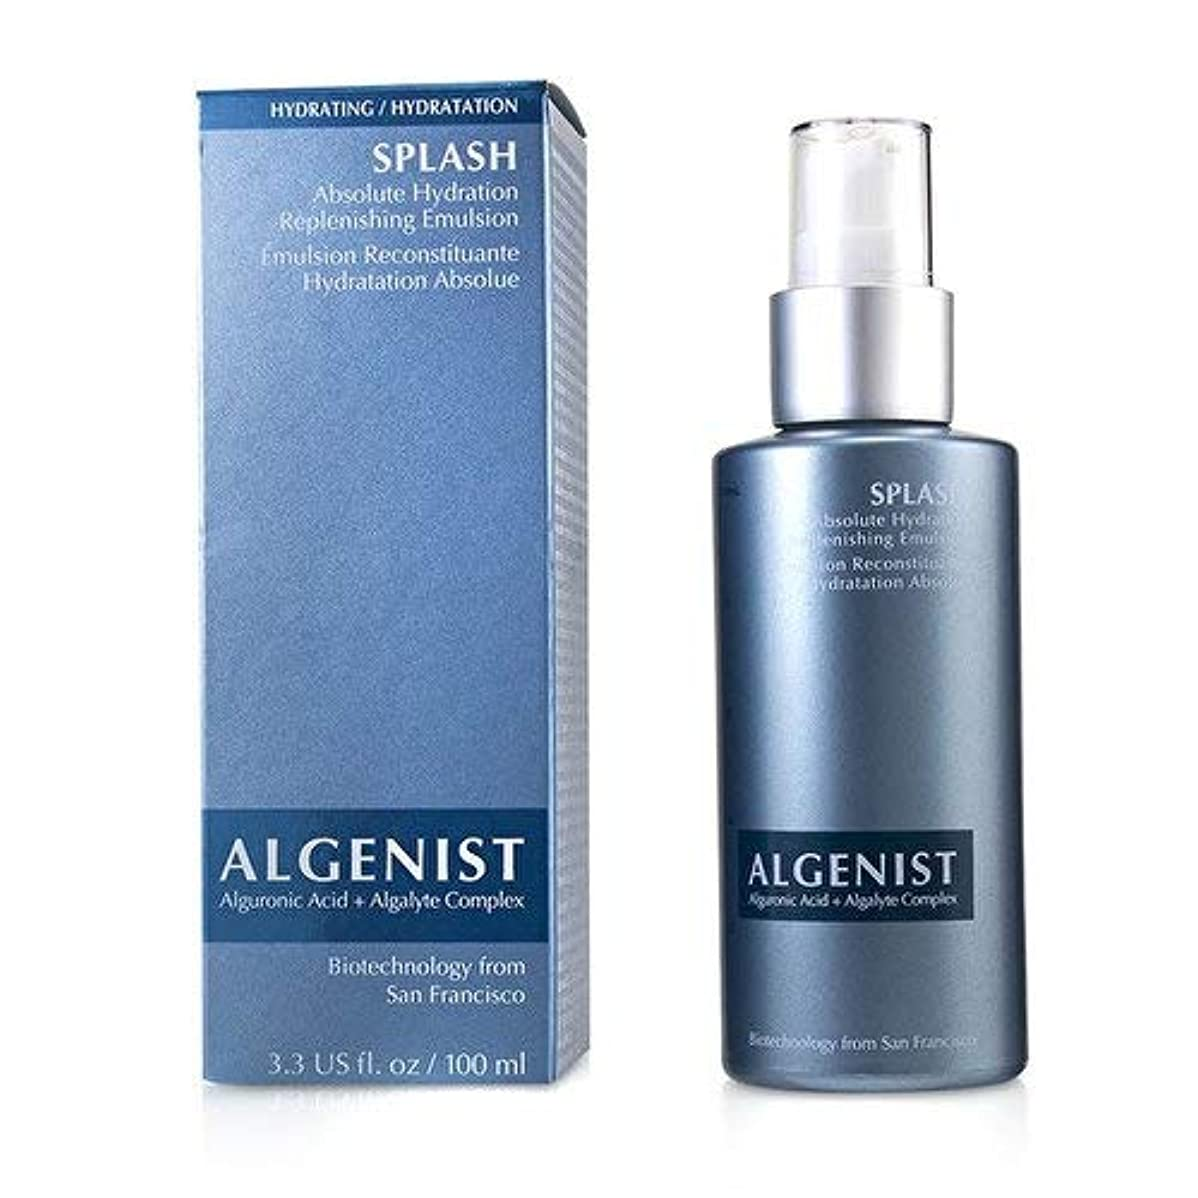 紳士気取りの、きざなポルノ梨アルゲニスト SPLASH Absolute Hydration Replenishing Emulsion 100ml/3.3oz並行輸入品